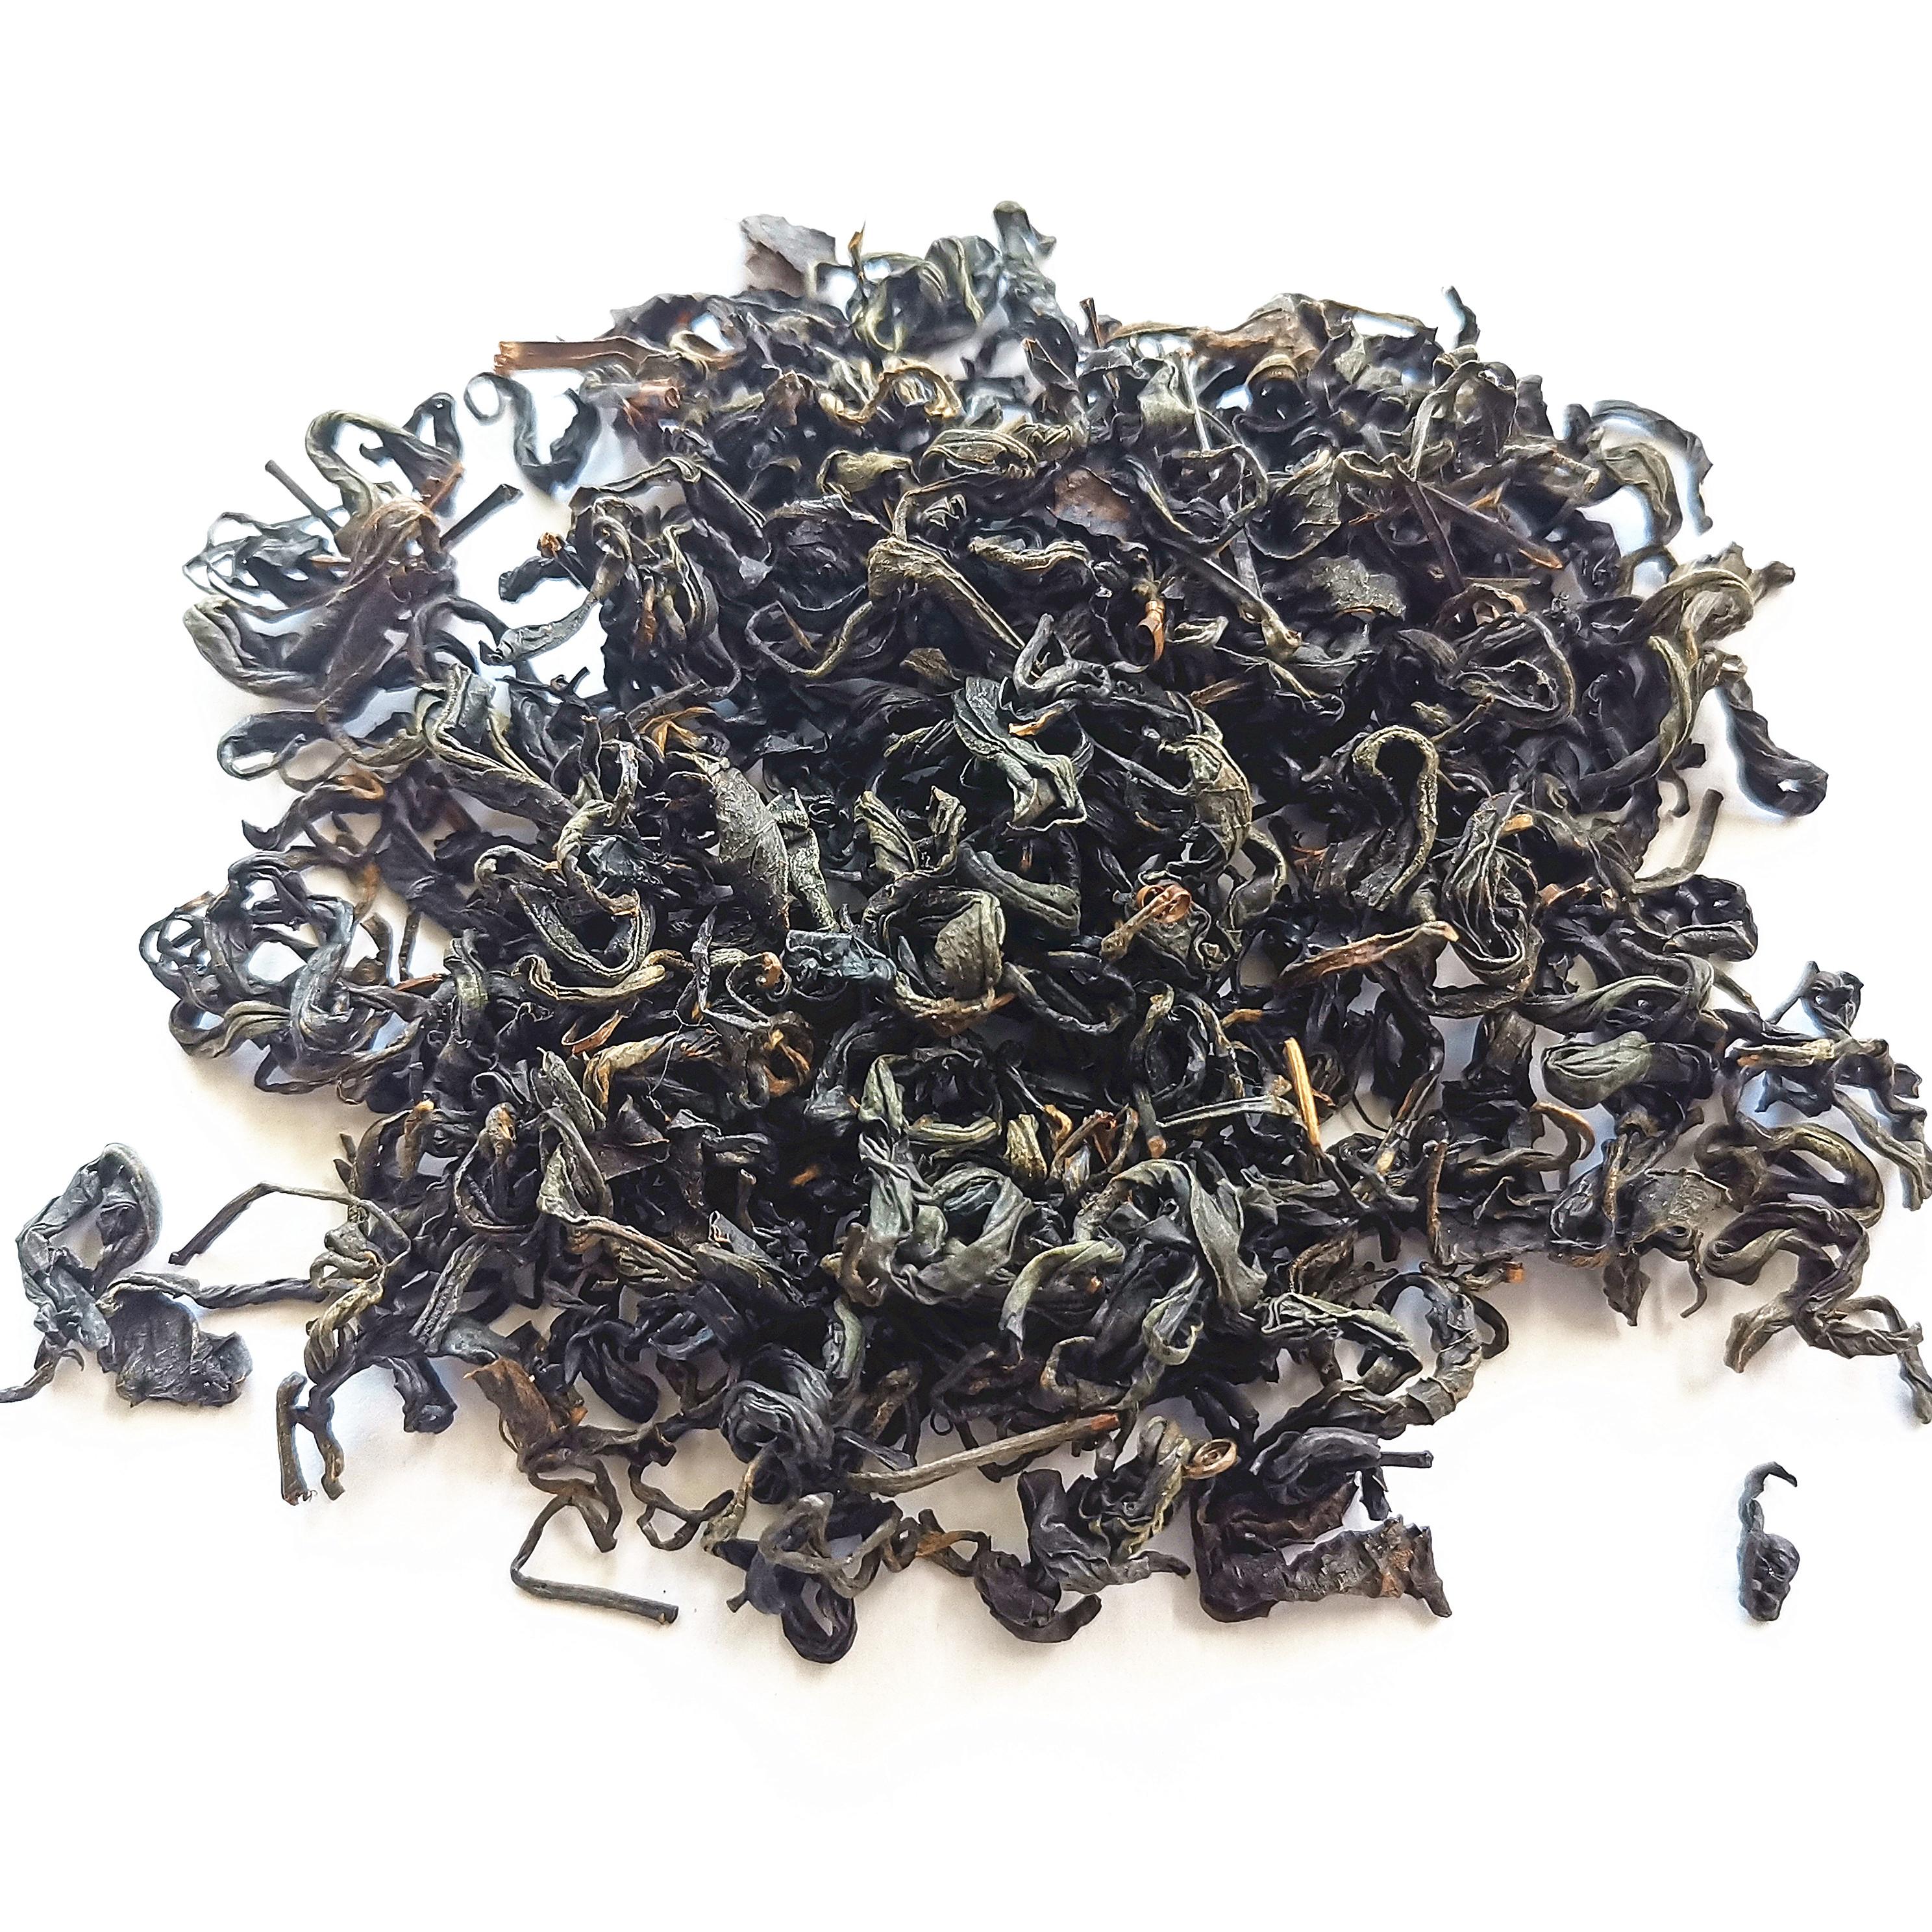 Best Selling Natural Loose Organic Tea Leaves Chinese Fermented Bulk black tea - 4uTea   4uTea.com